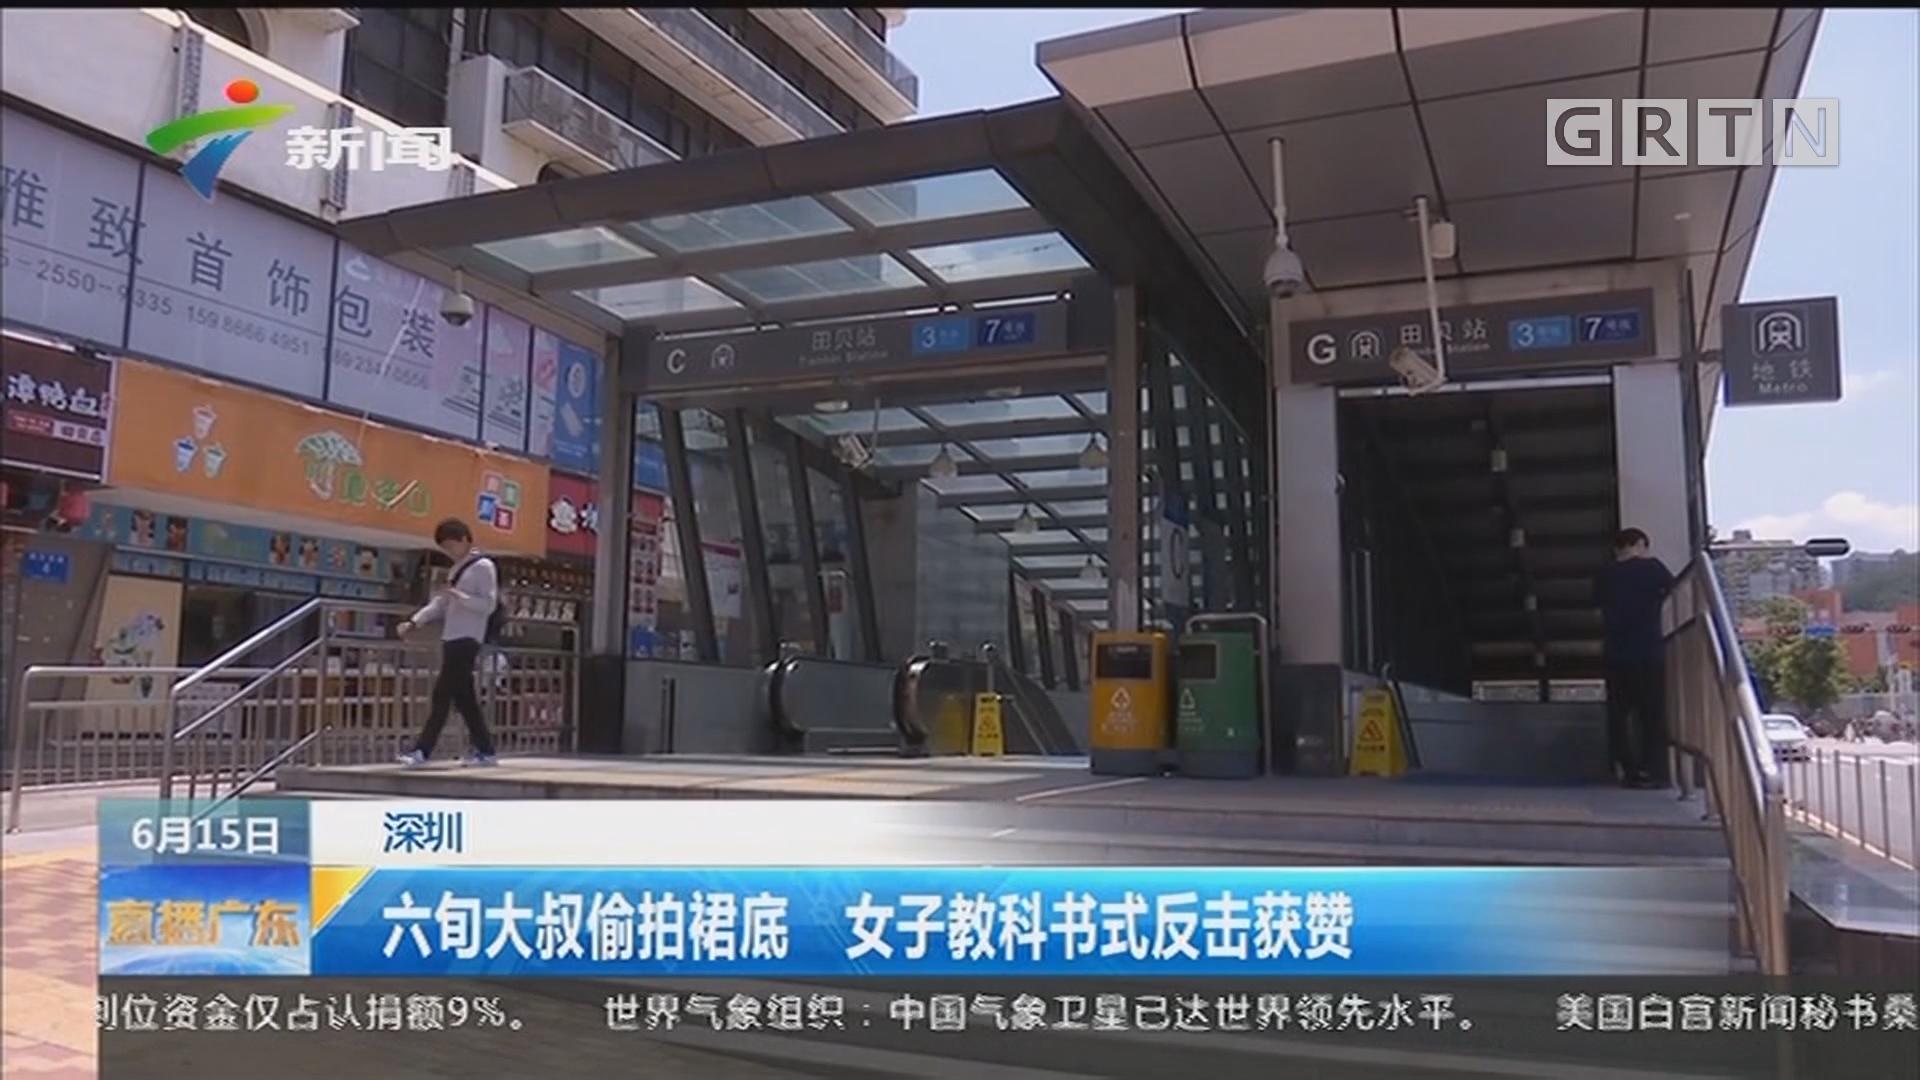 深圳:六旬大叔偷拍裙底 女子教科书式反击获赞